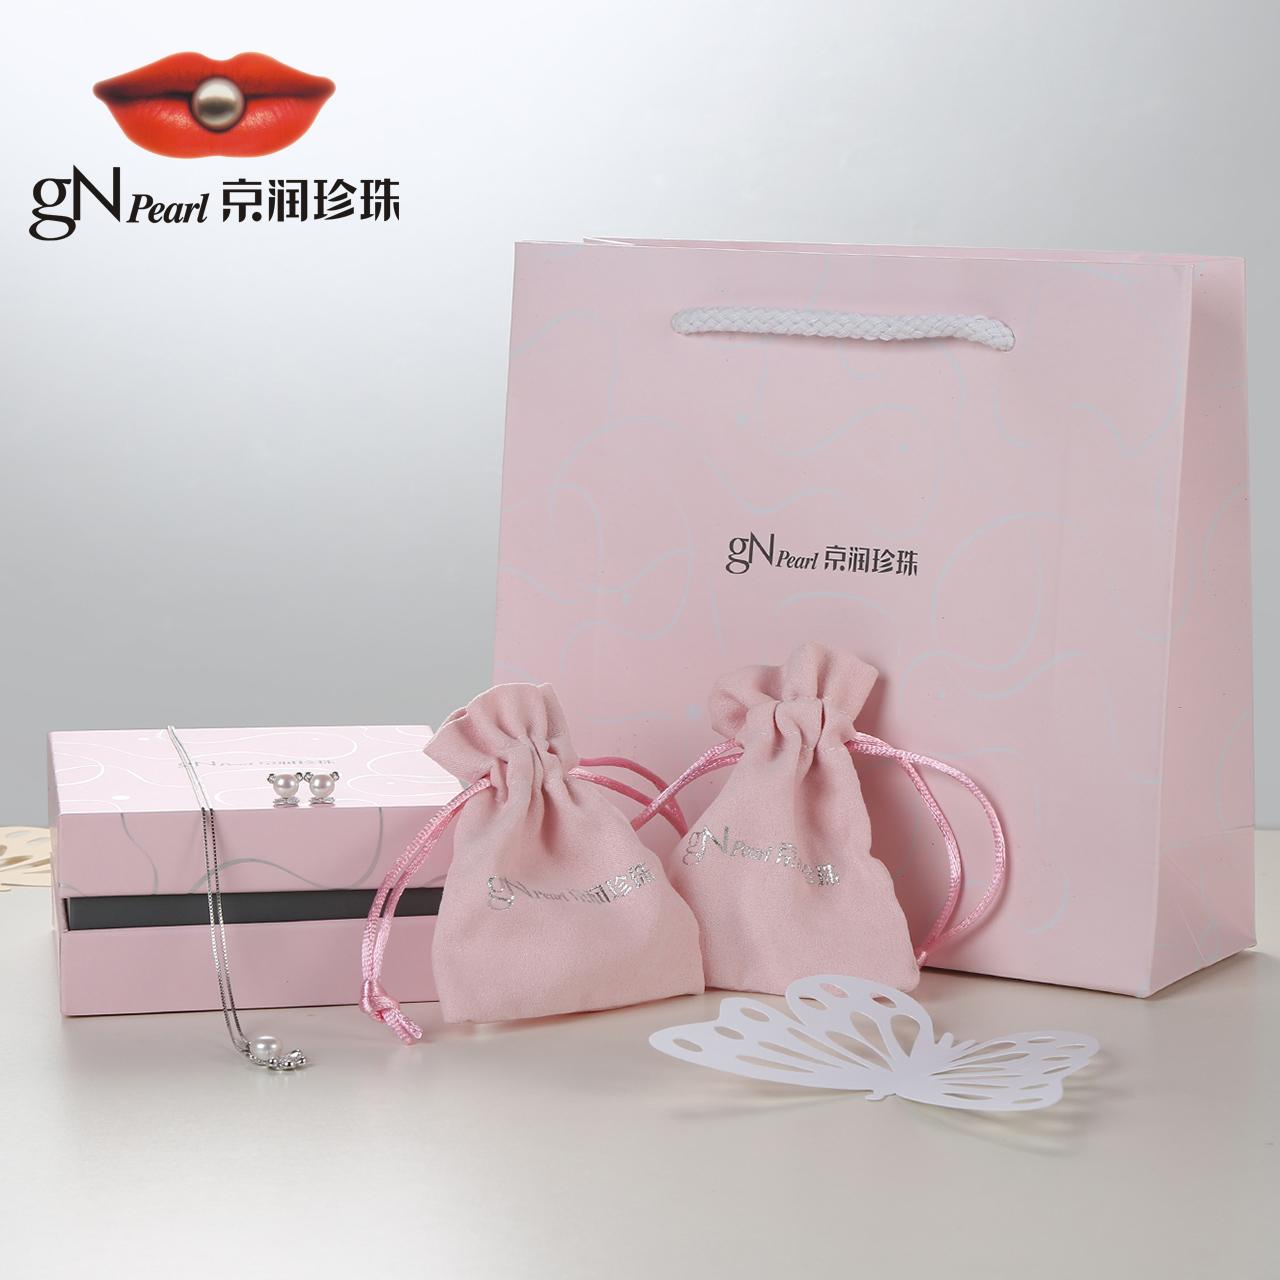 京润珍珠耳钉吊坠套装蜜恋小熊银淡水珍珠首饰生日礼物送女友礼盒